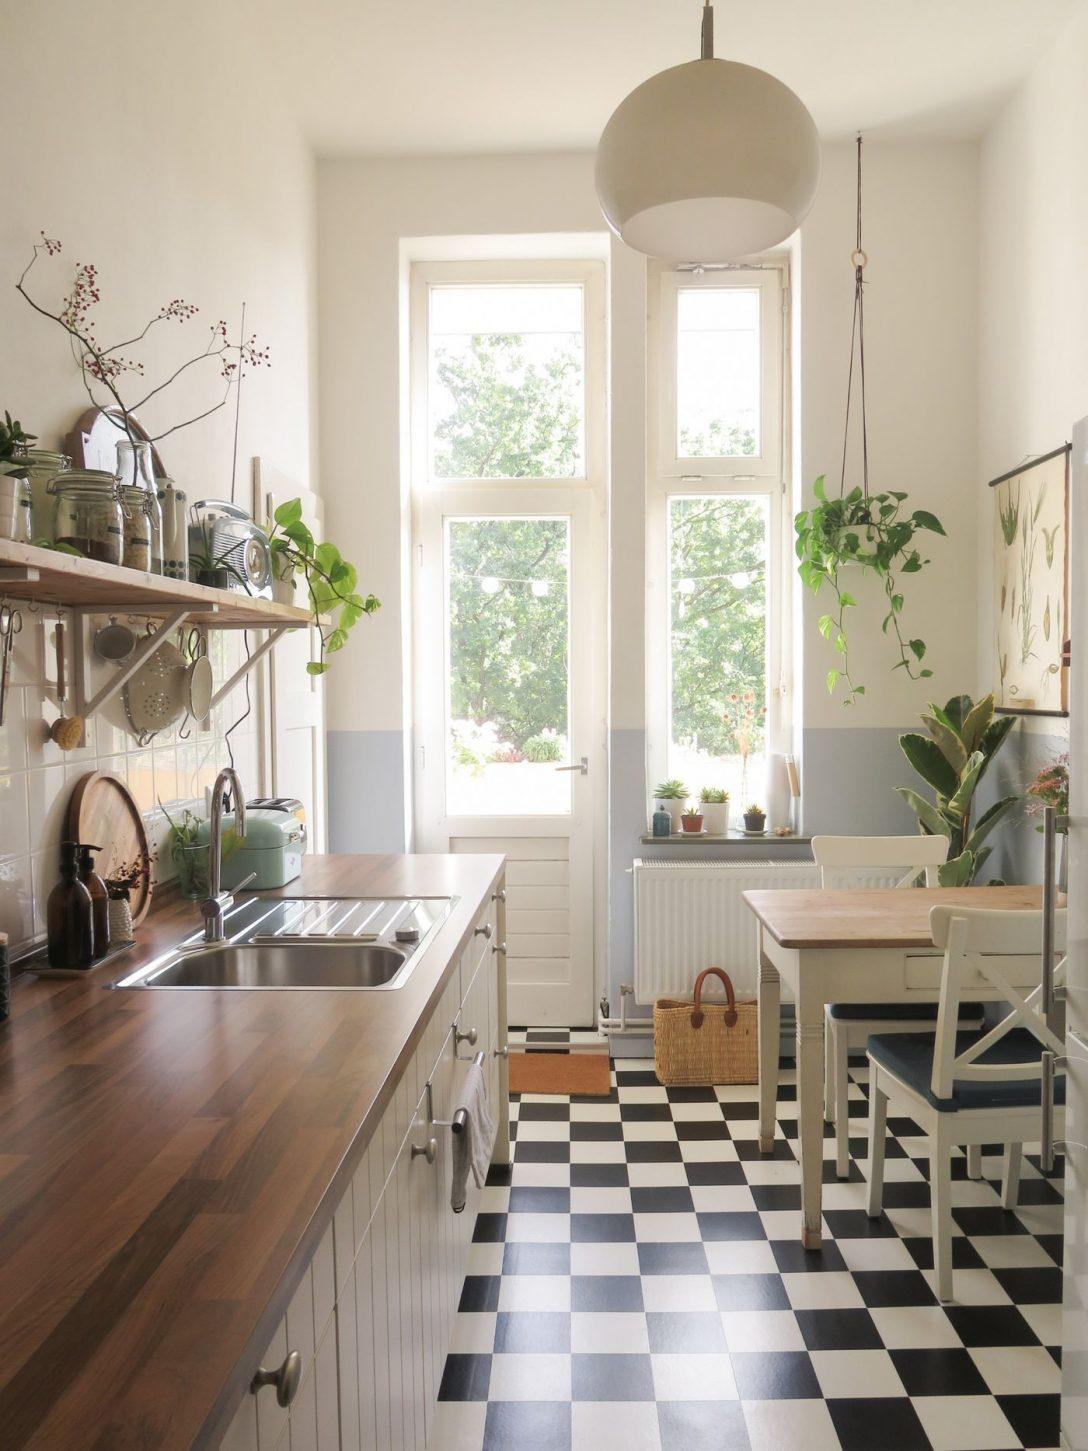 Large Size of Küche Einrichten Spiele Küche Einrichten Ideen Kleine Schmale Küche Einrichten Ferienwohnung Küche Einrichten Küche Küche Einrichten